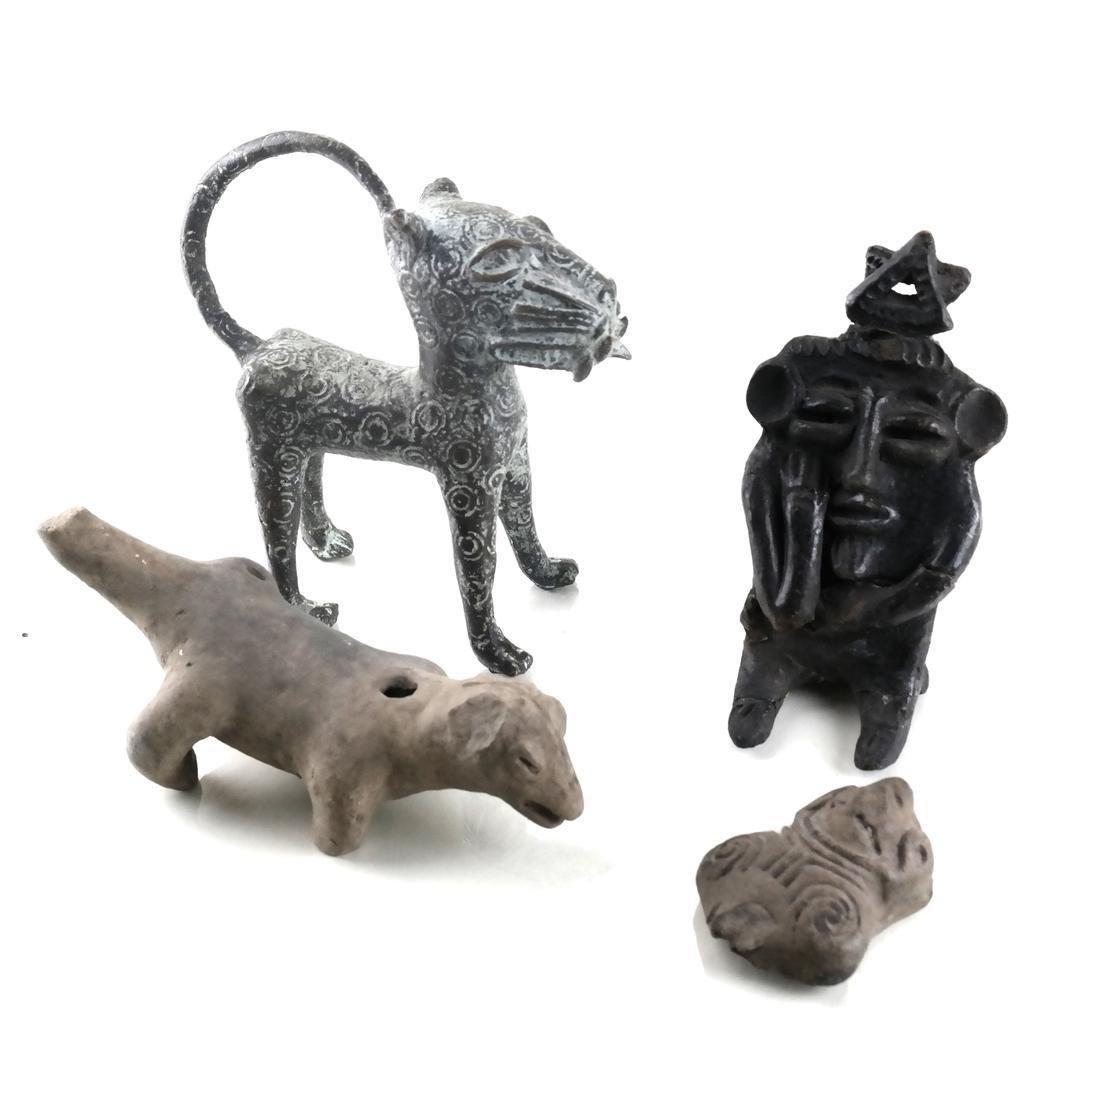 Four Ethnic Sculptures